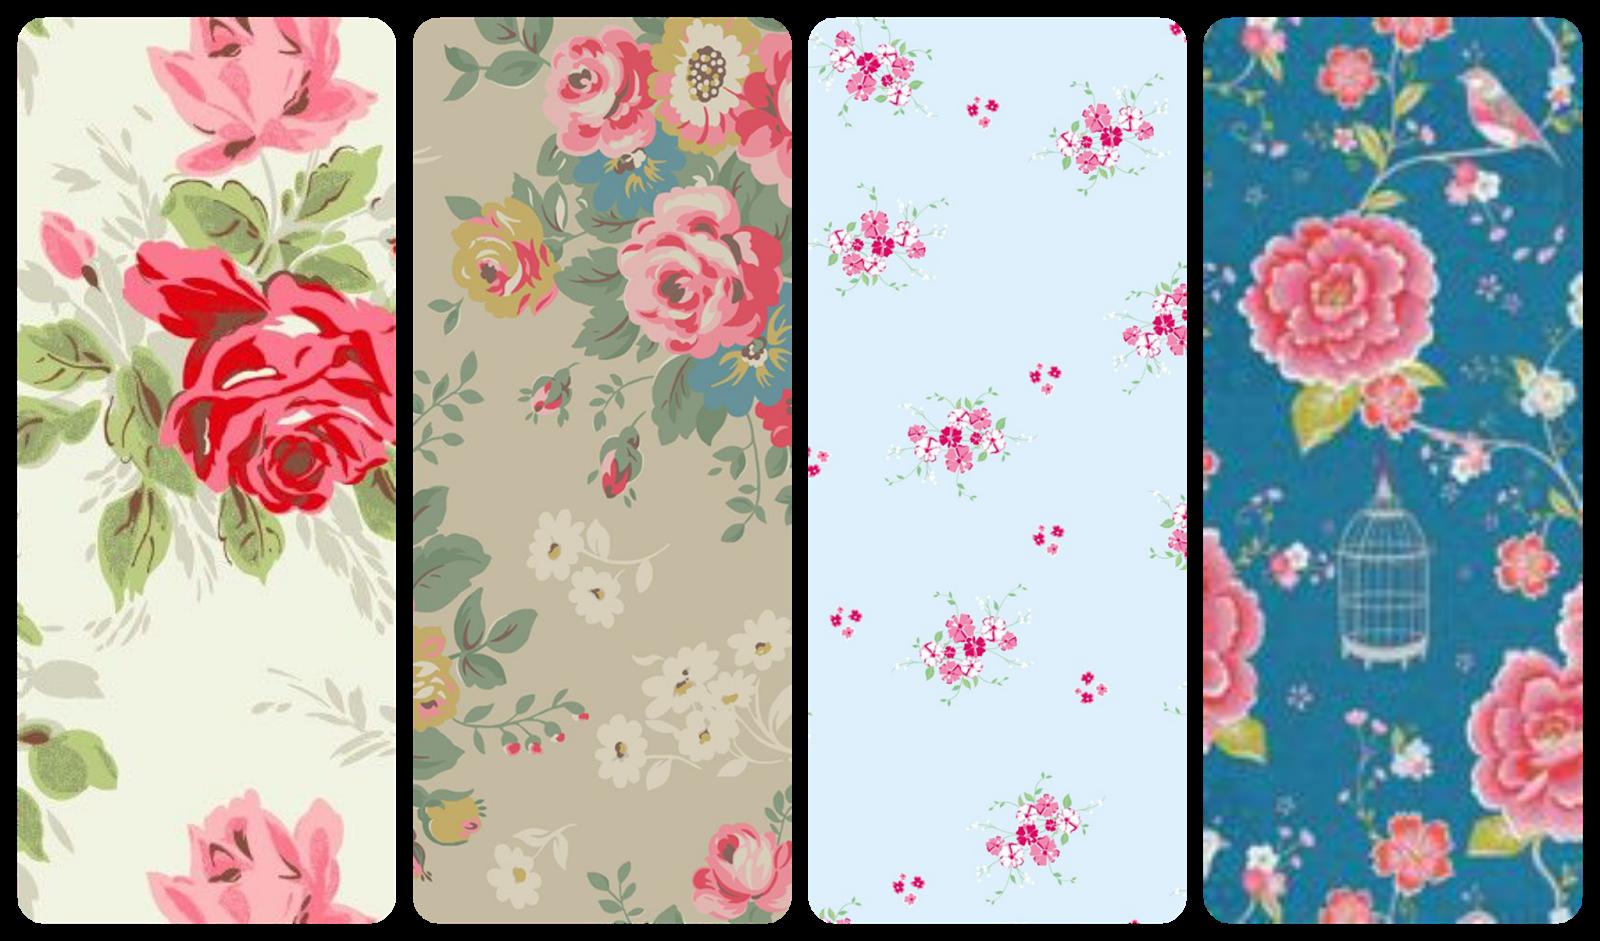 Retro Iphone 6 Wallpaper Hd: Fondos De Pantallas Para Niñas